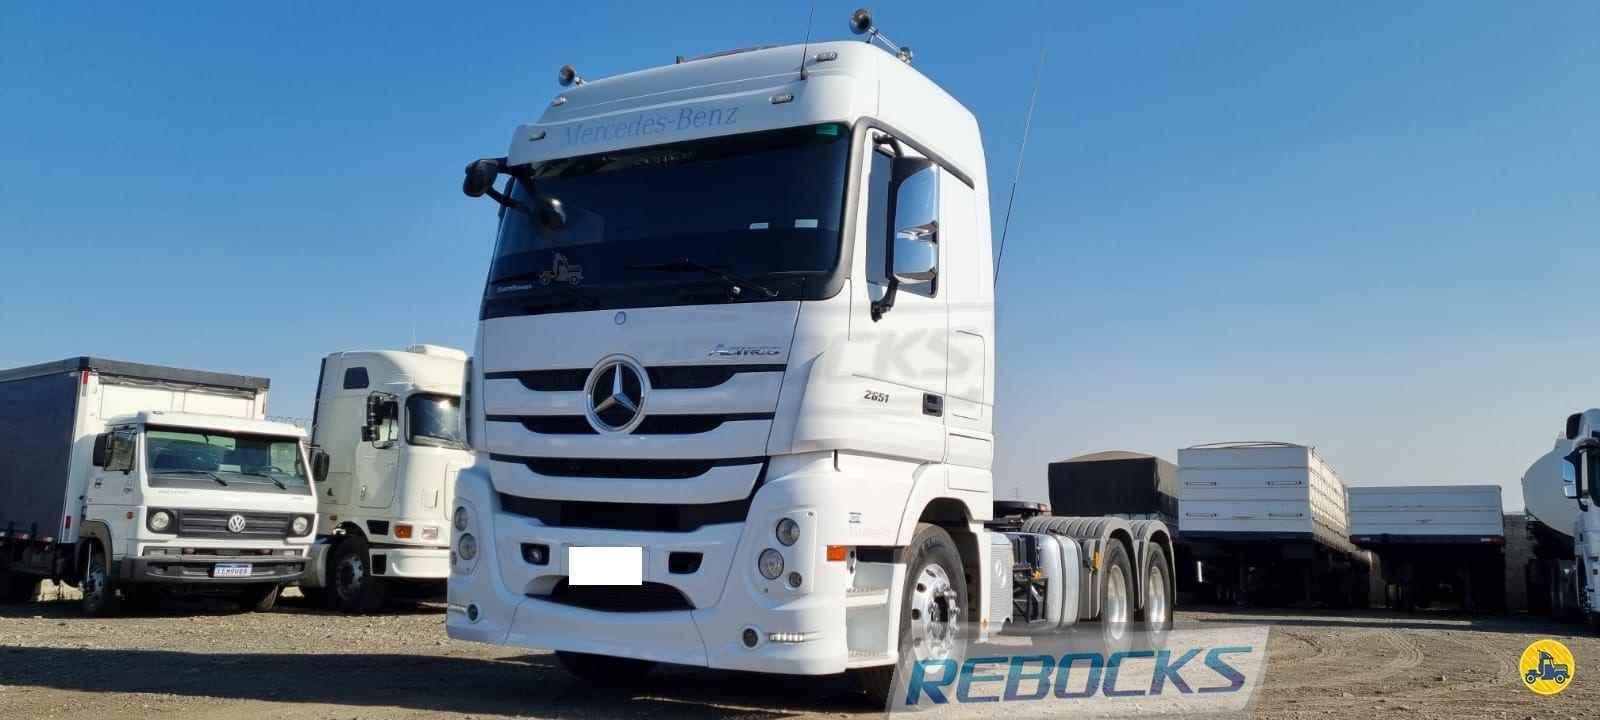 CAMINHAO MERCEDES-BENZ MB 2651 Cavalo Mecânico Traçado 6x4 Rebocks LIMEIRA SÃO PAULO SP